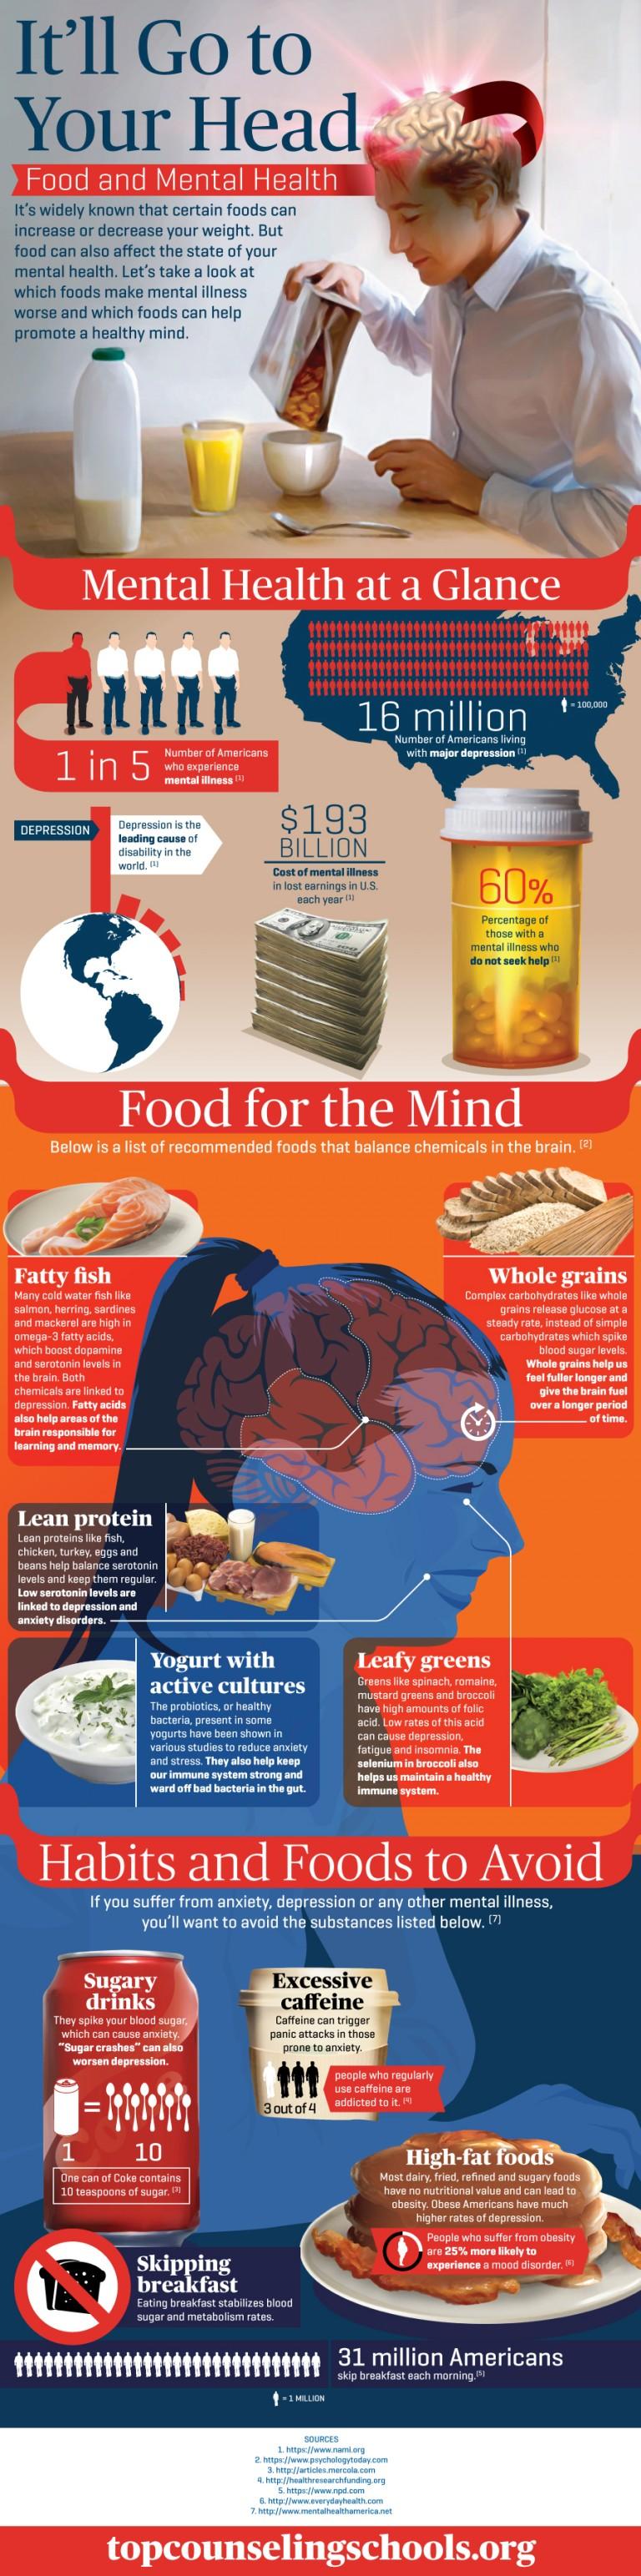 Diese Infografik zeigt, welches Essen Sie vermeiden sollten, um gesund und energetisch durch den Tag zu gehen. (Quelle: thedailymind.com)